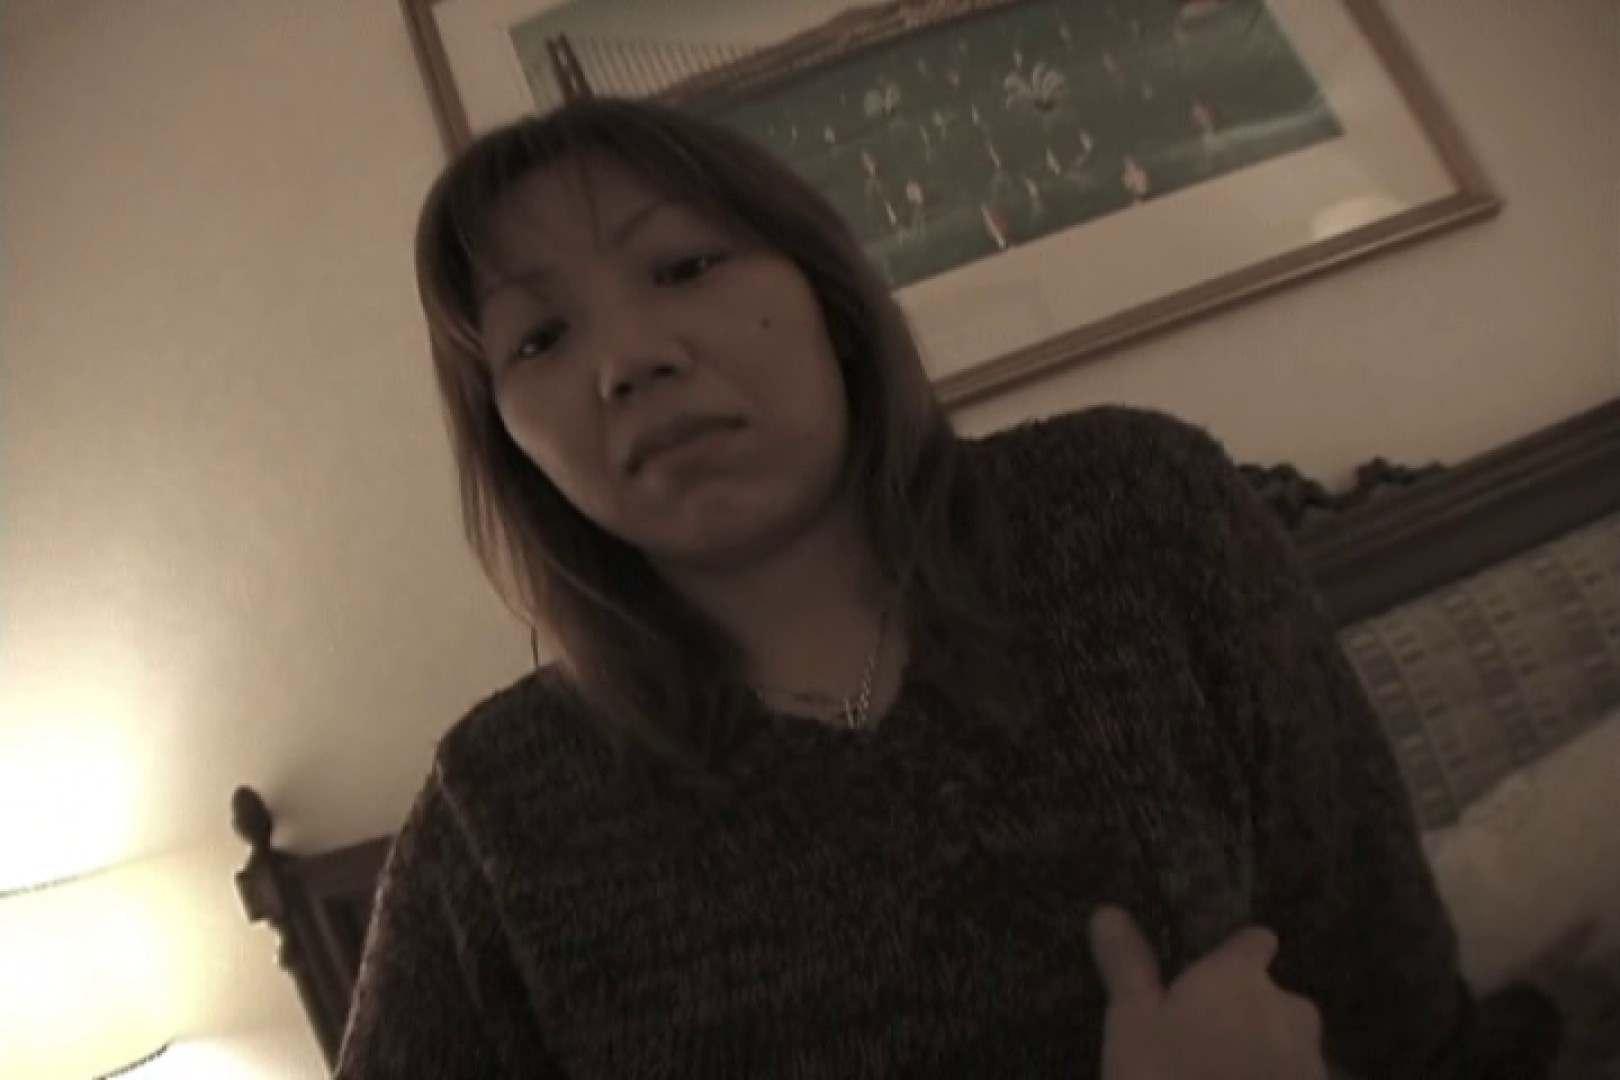 ツンデレ素人嬢もチンポには弱い~増田あけみ~ 素人丸裸  99pic 44